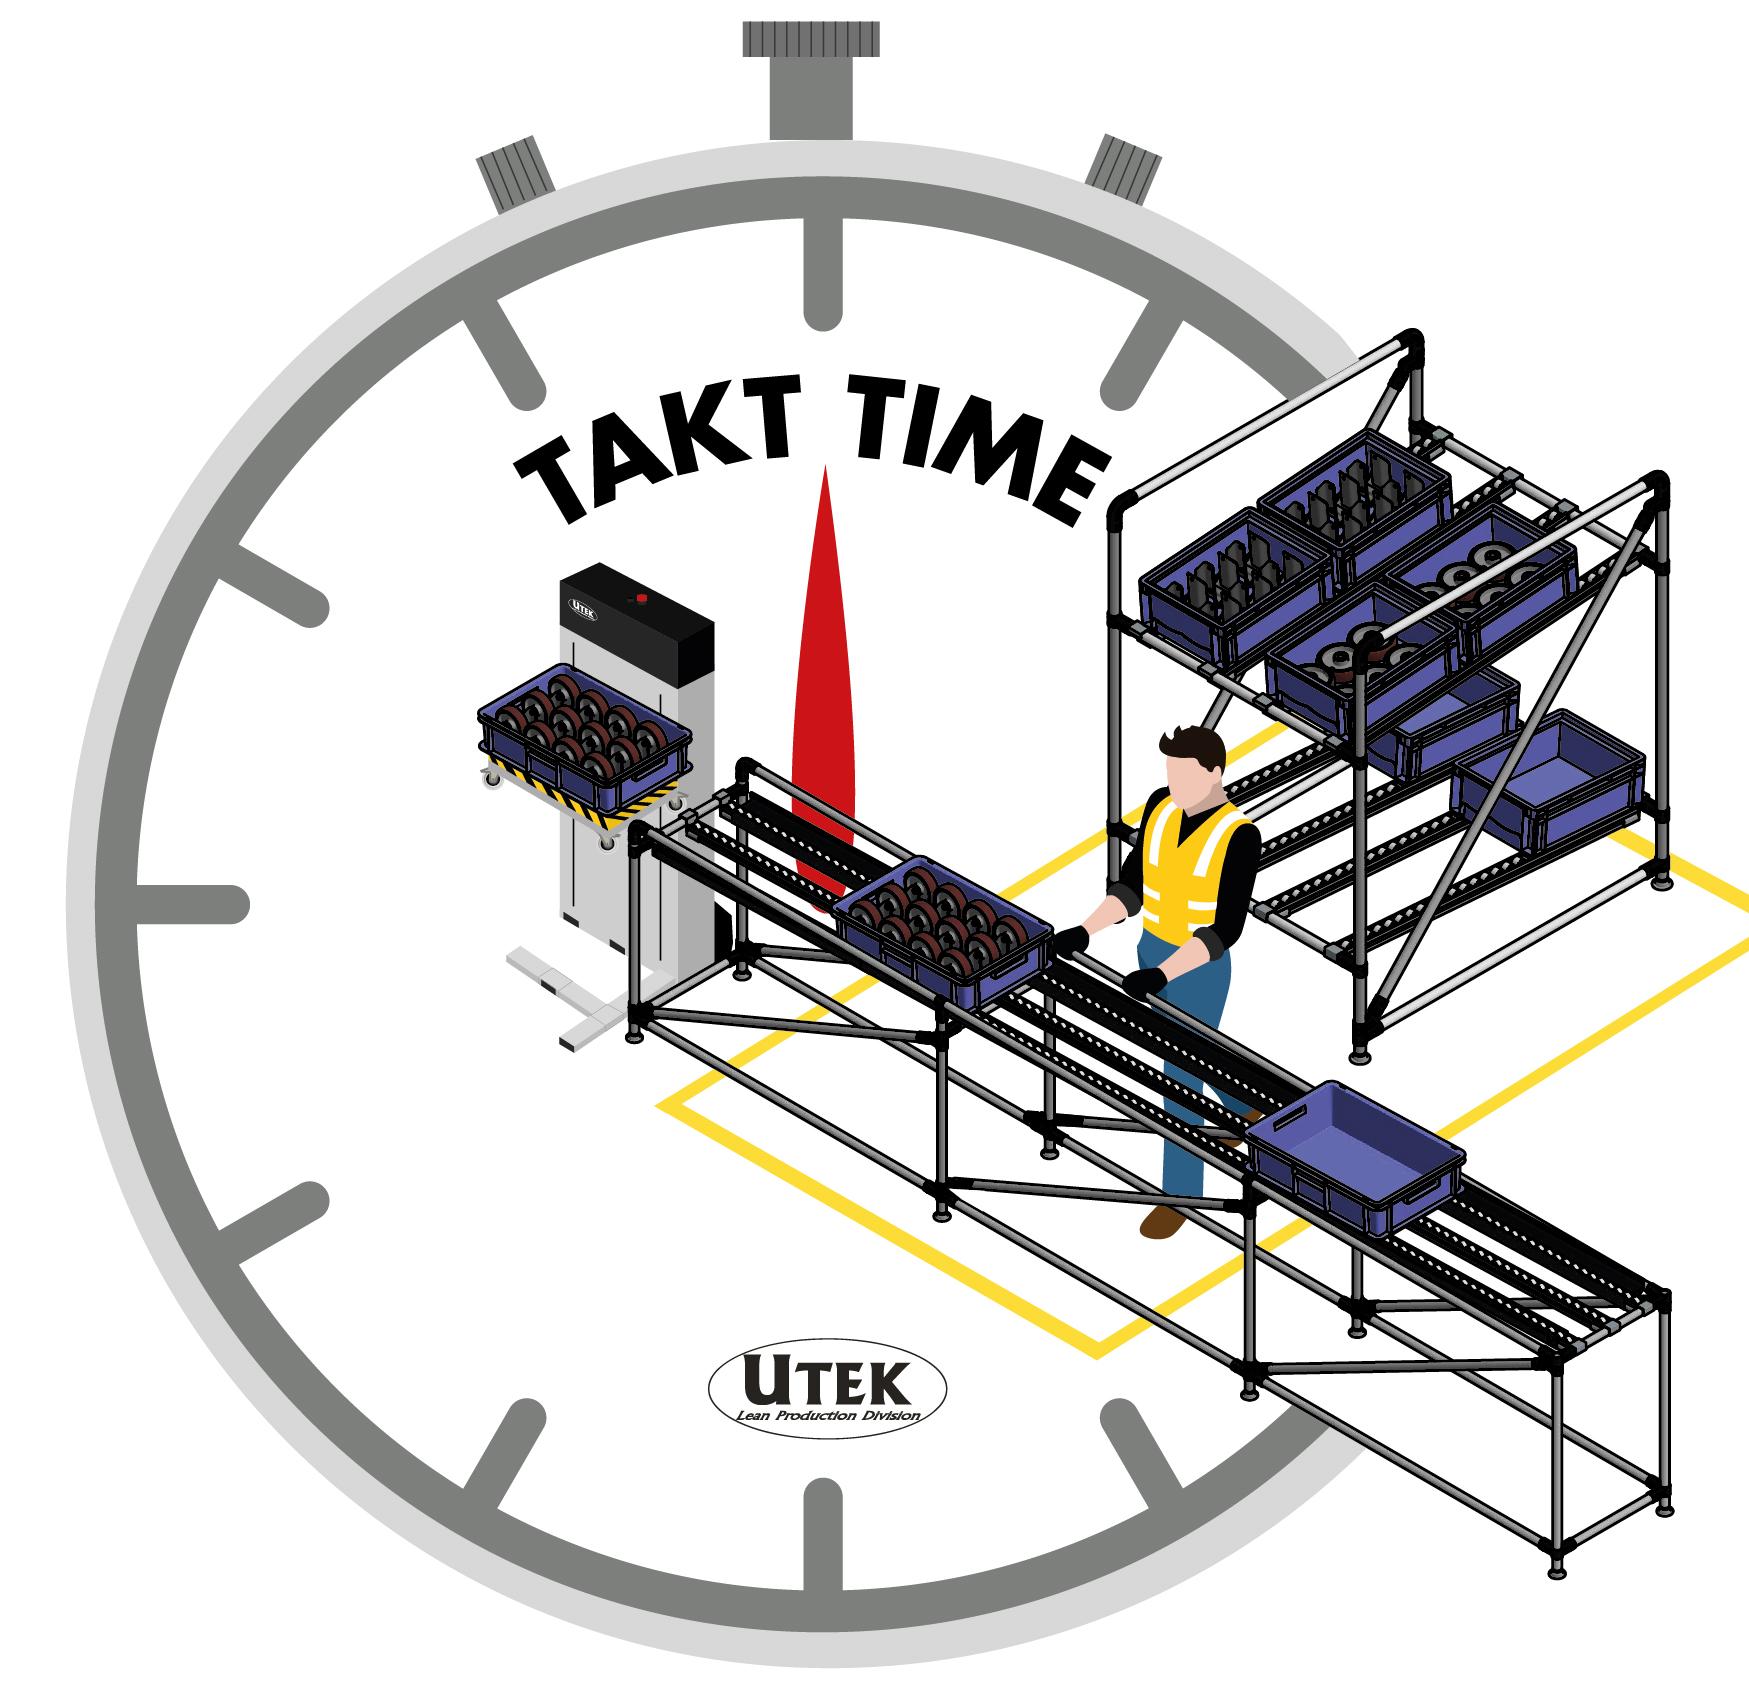 Takt Time, la sincronizzazione del flusso: